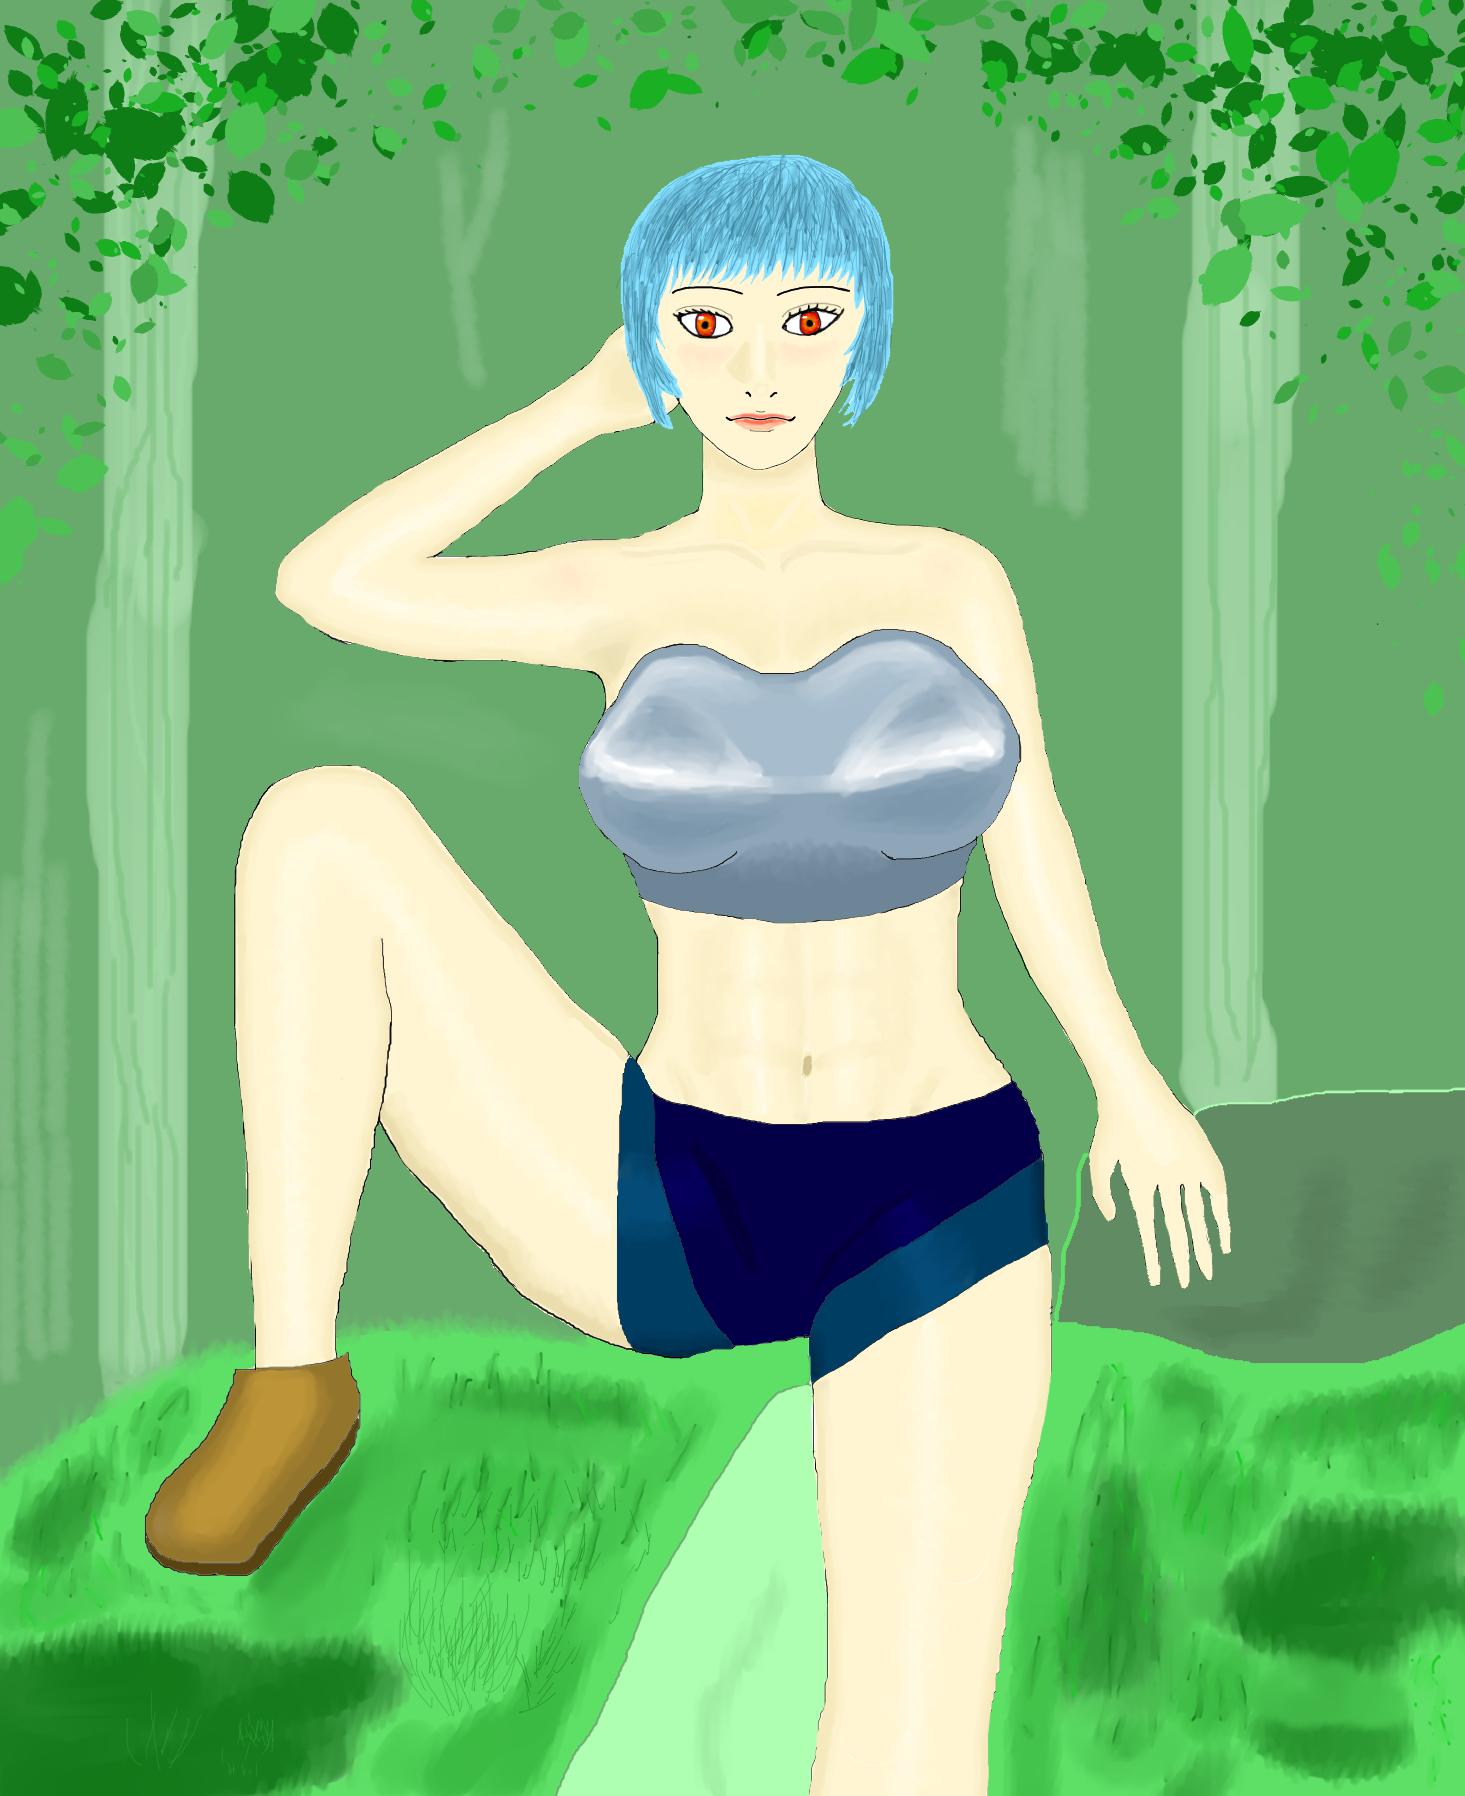 Animegirl43